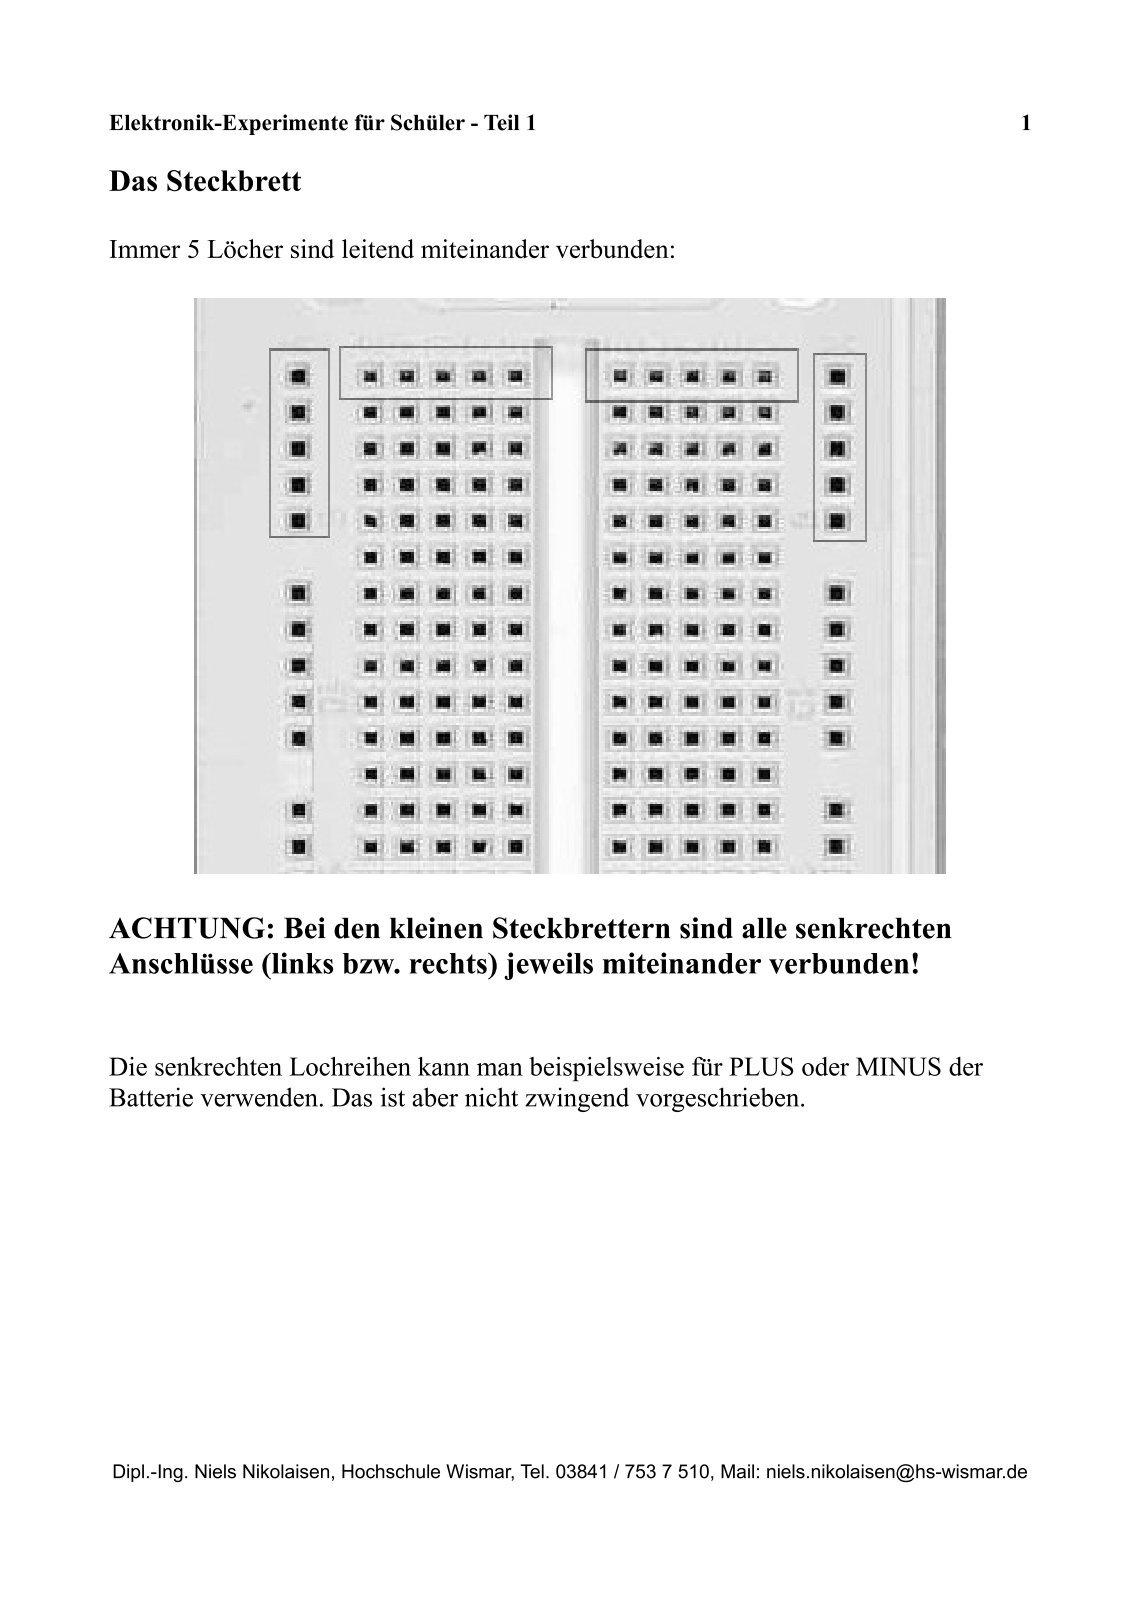 Niedlich Grundlegende Elektronikprojekte Pdf Zeitgenössisch ...